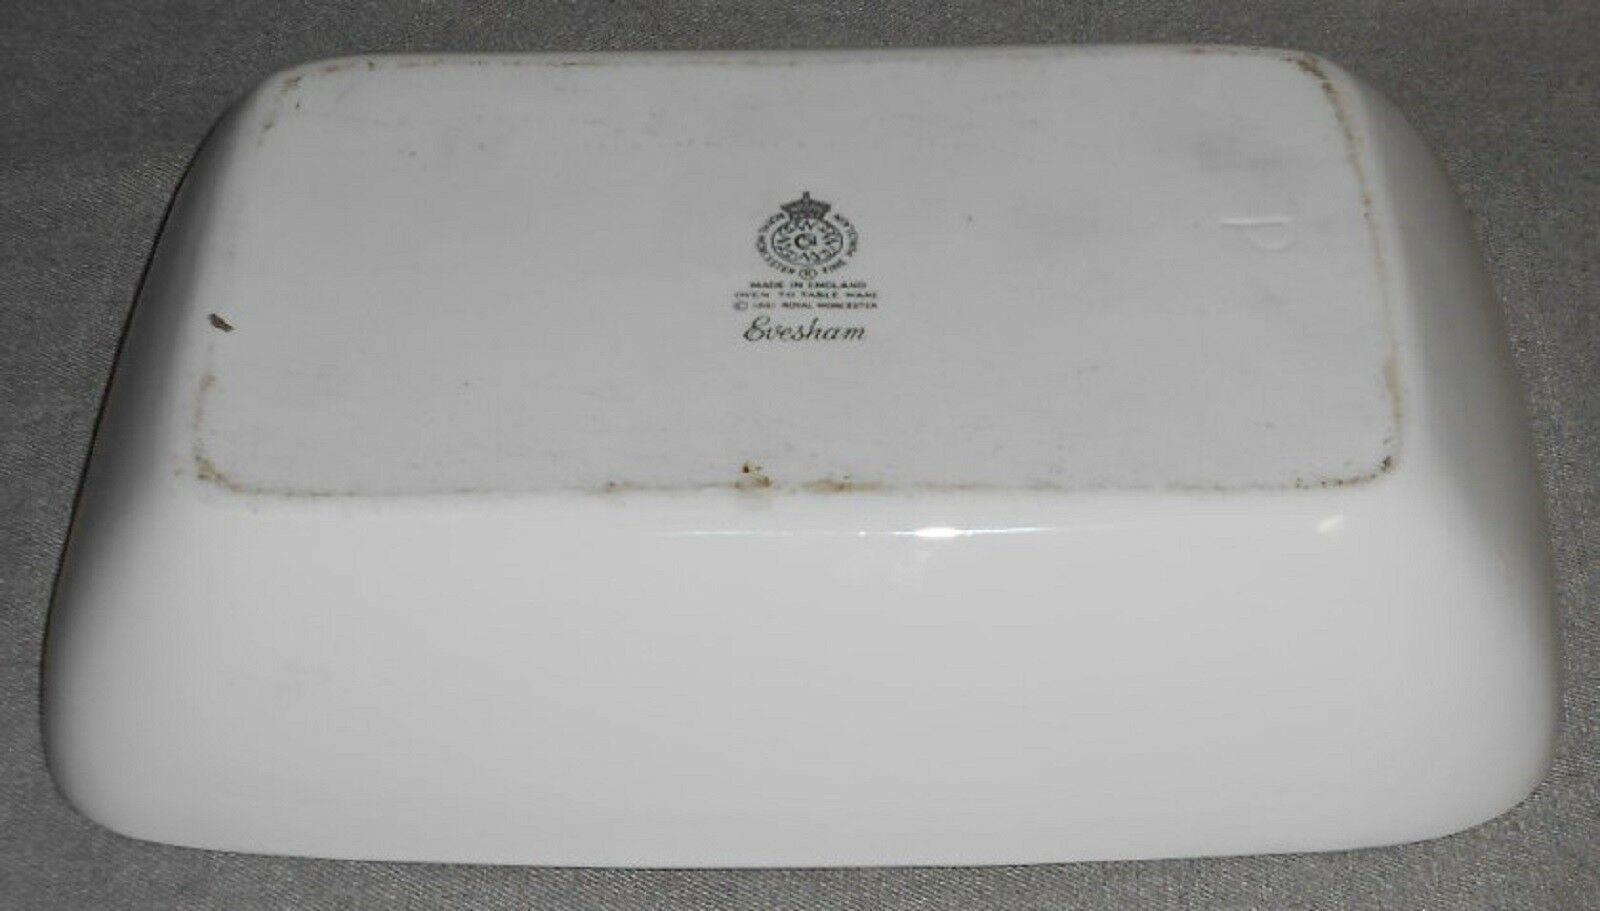 Royal Worcester EVESHAM GOLD PATTERN Rectangular Baking Dish MADE IN ENGLAND image 4